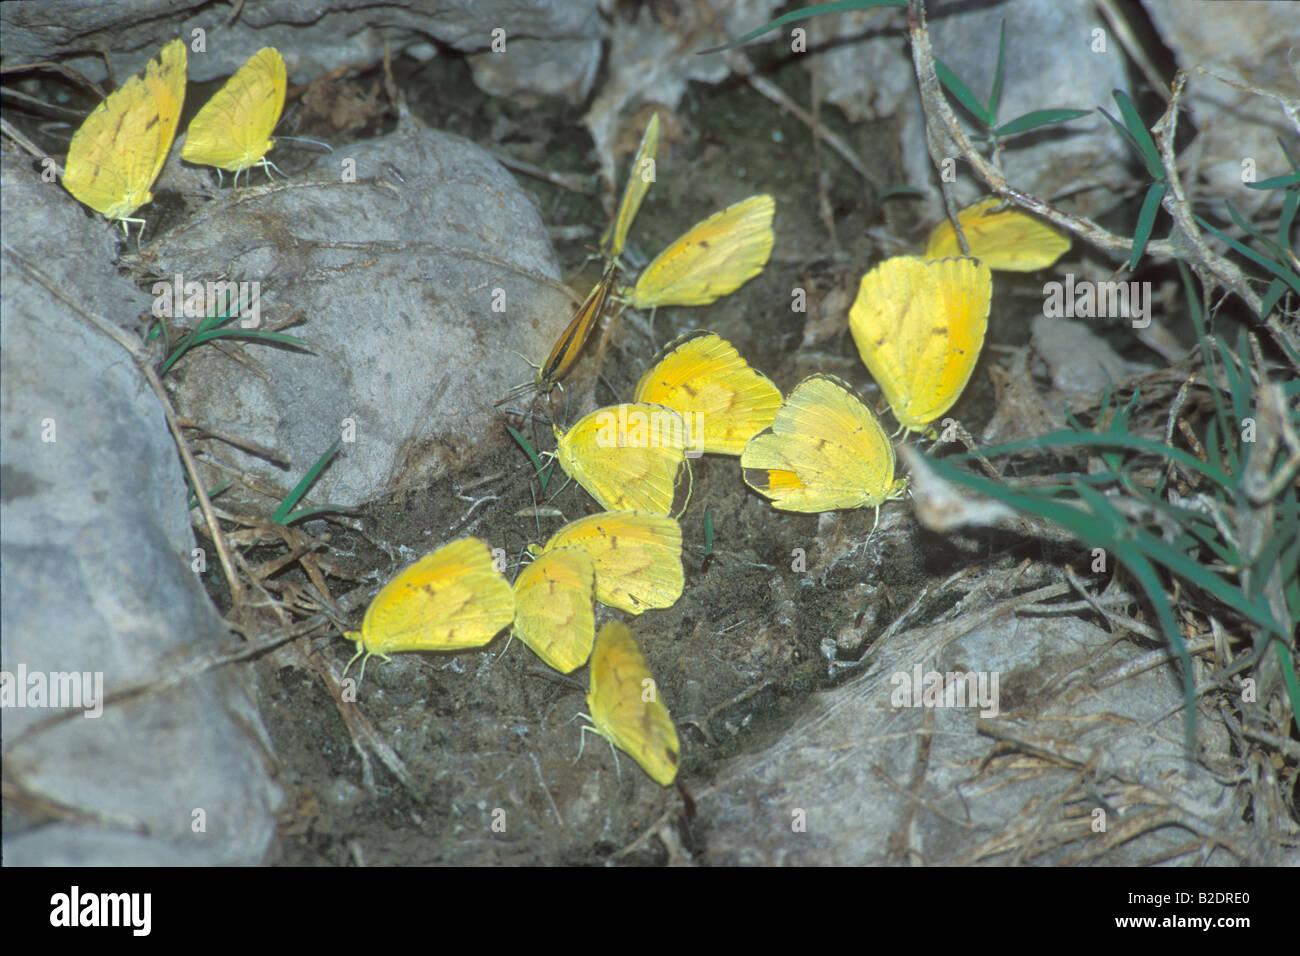 Farfalla farfalle nel deserto nel deserto pieridi abbeverata farfalle lepidotteri Nuovo Messico USA America Americhe Immagini Stock